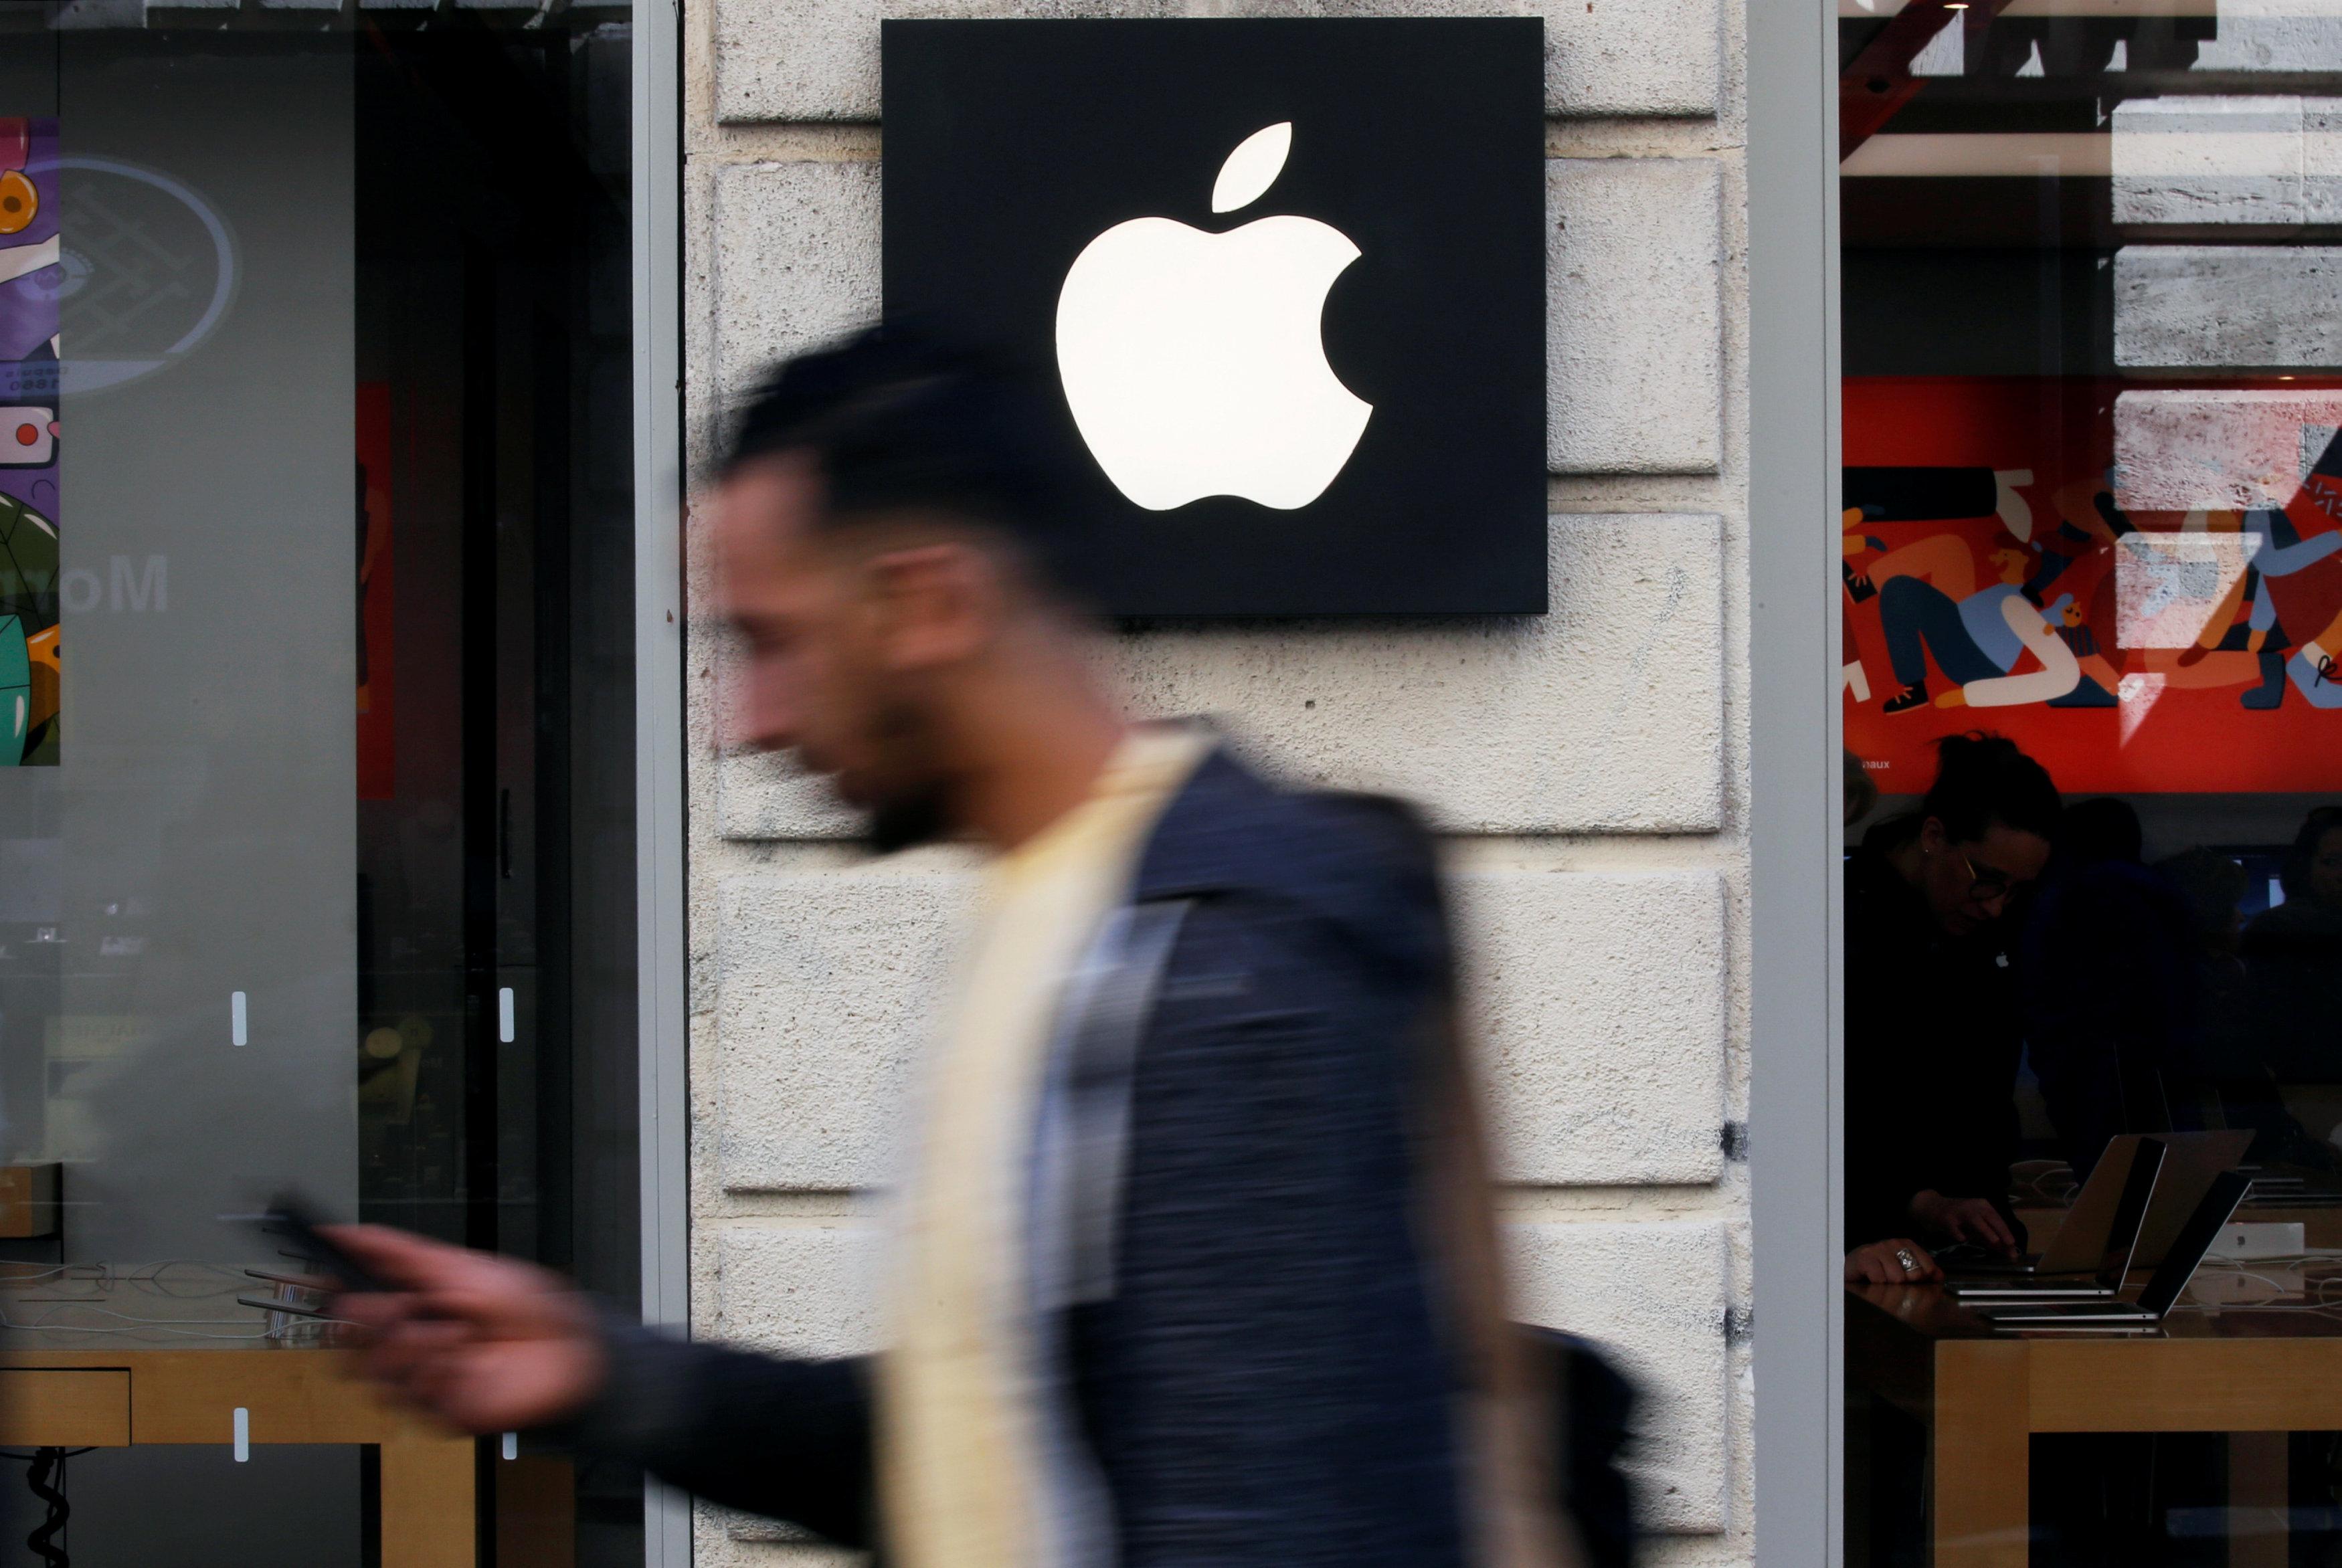 苹果的市值已经超过多家石油巨头的总和